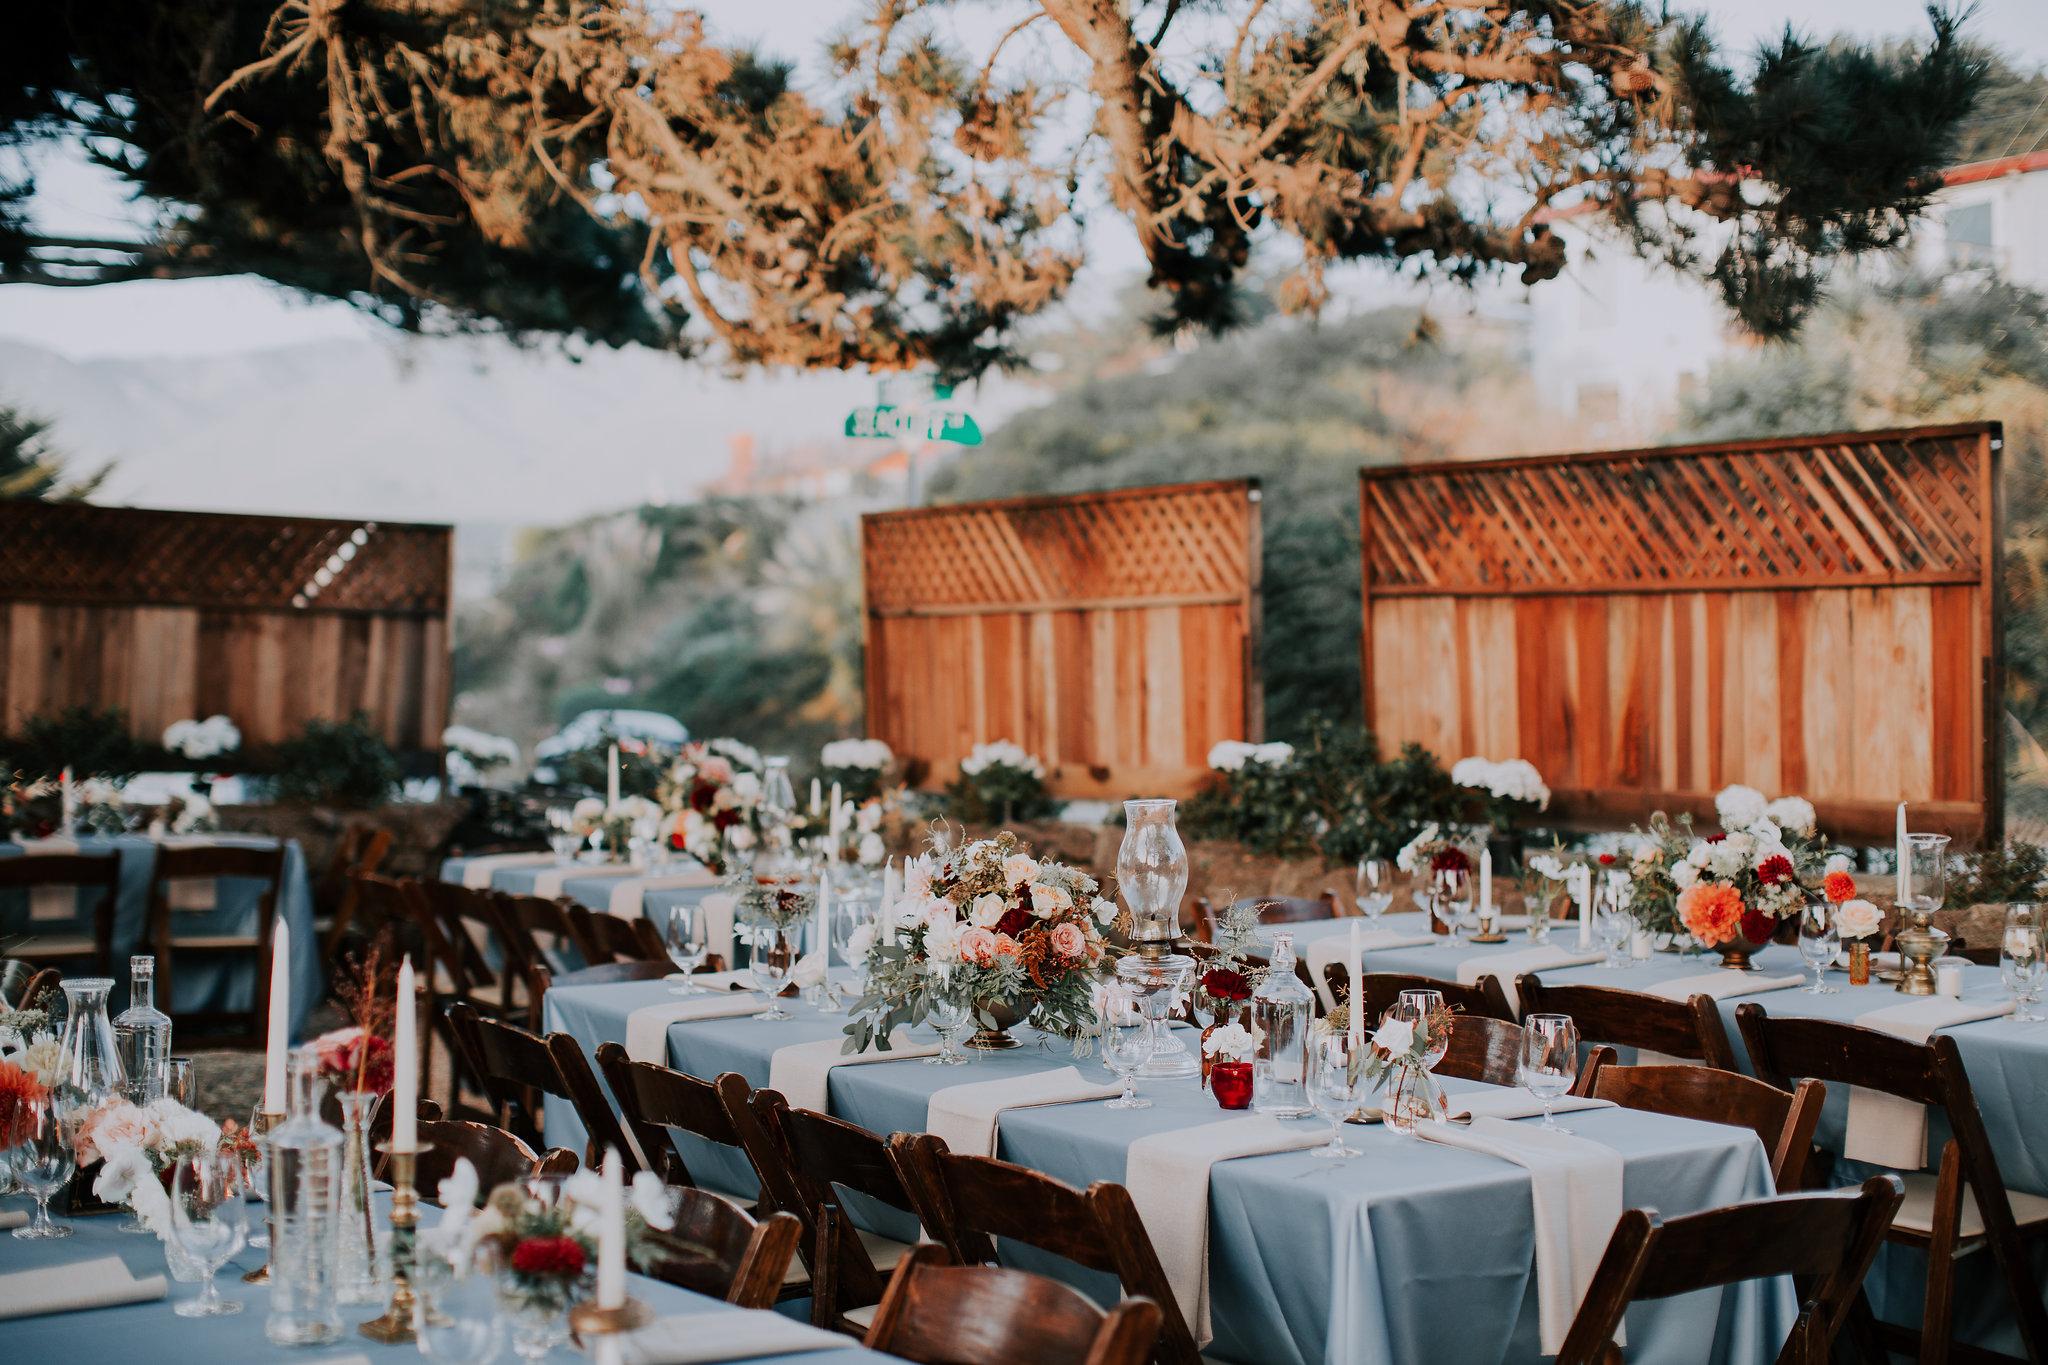 Backyard-Wedding-Montara-California-Megan-Josh-Vafa-Photo-613.jpg